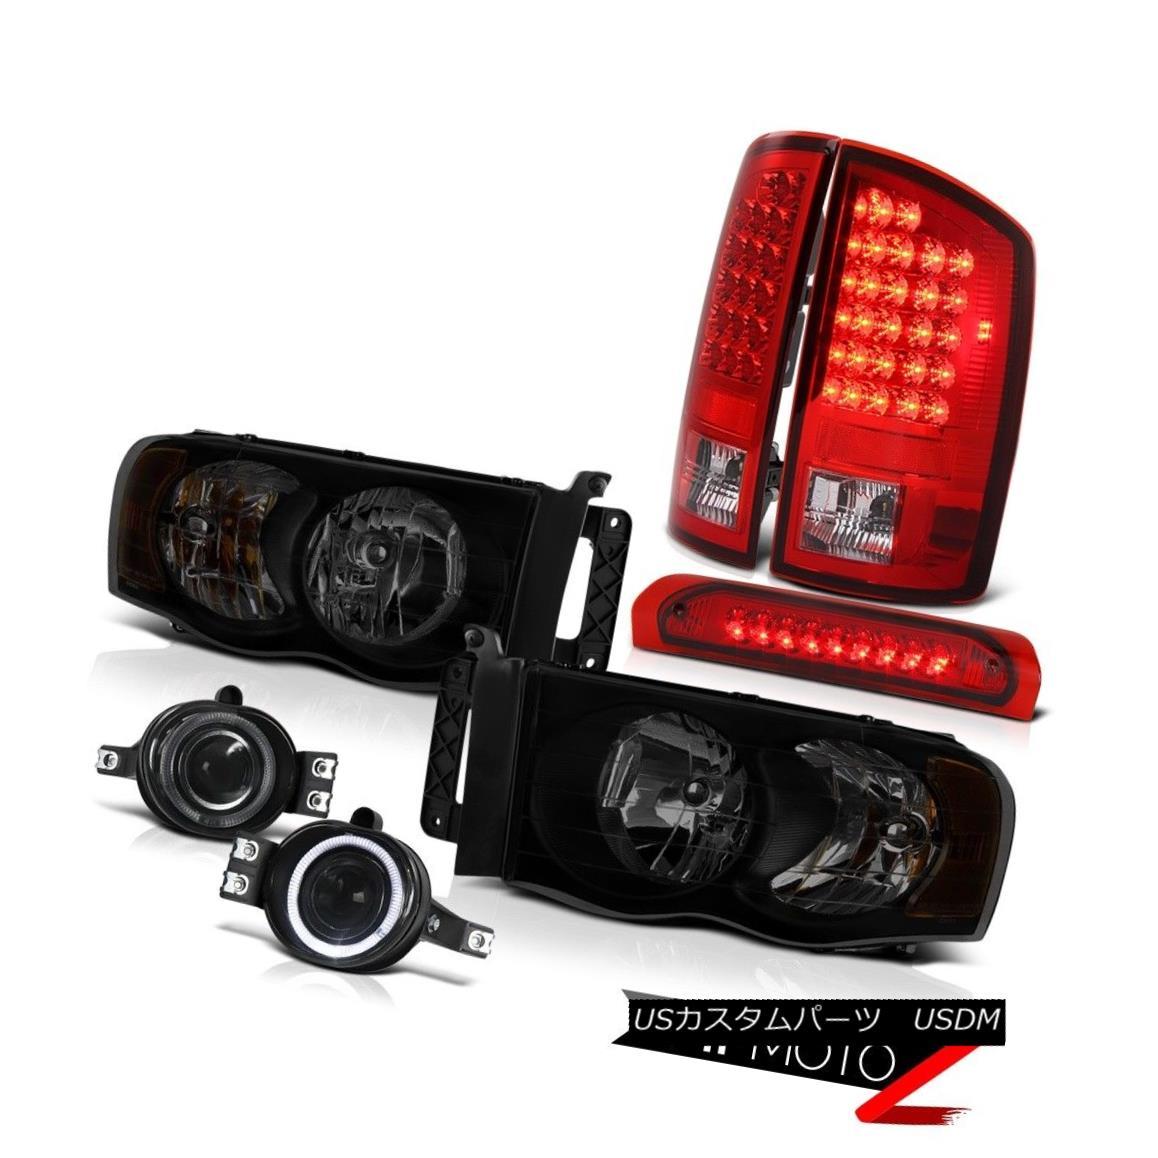 テールライト 02-05 Ram 1500 2500 3500 5.7L Headlights Fog Lights Roof Cargo Lamp Tail Lamps 02-05 Ram 1500 2500 3500 5.7Lヘッドライトフォグライトルーフカーゴランプテールランプ